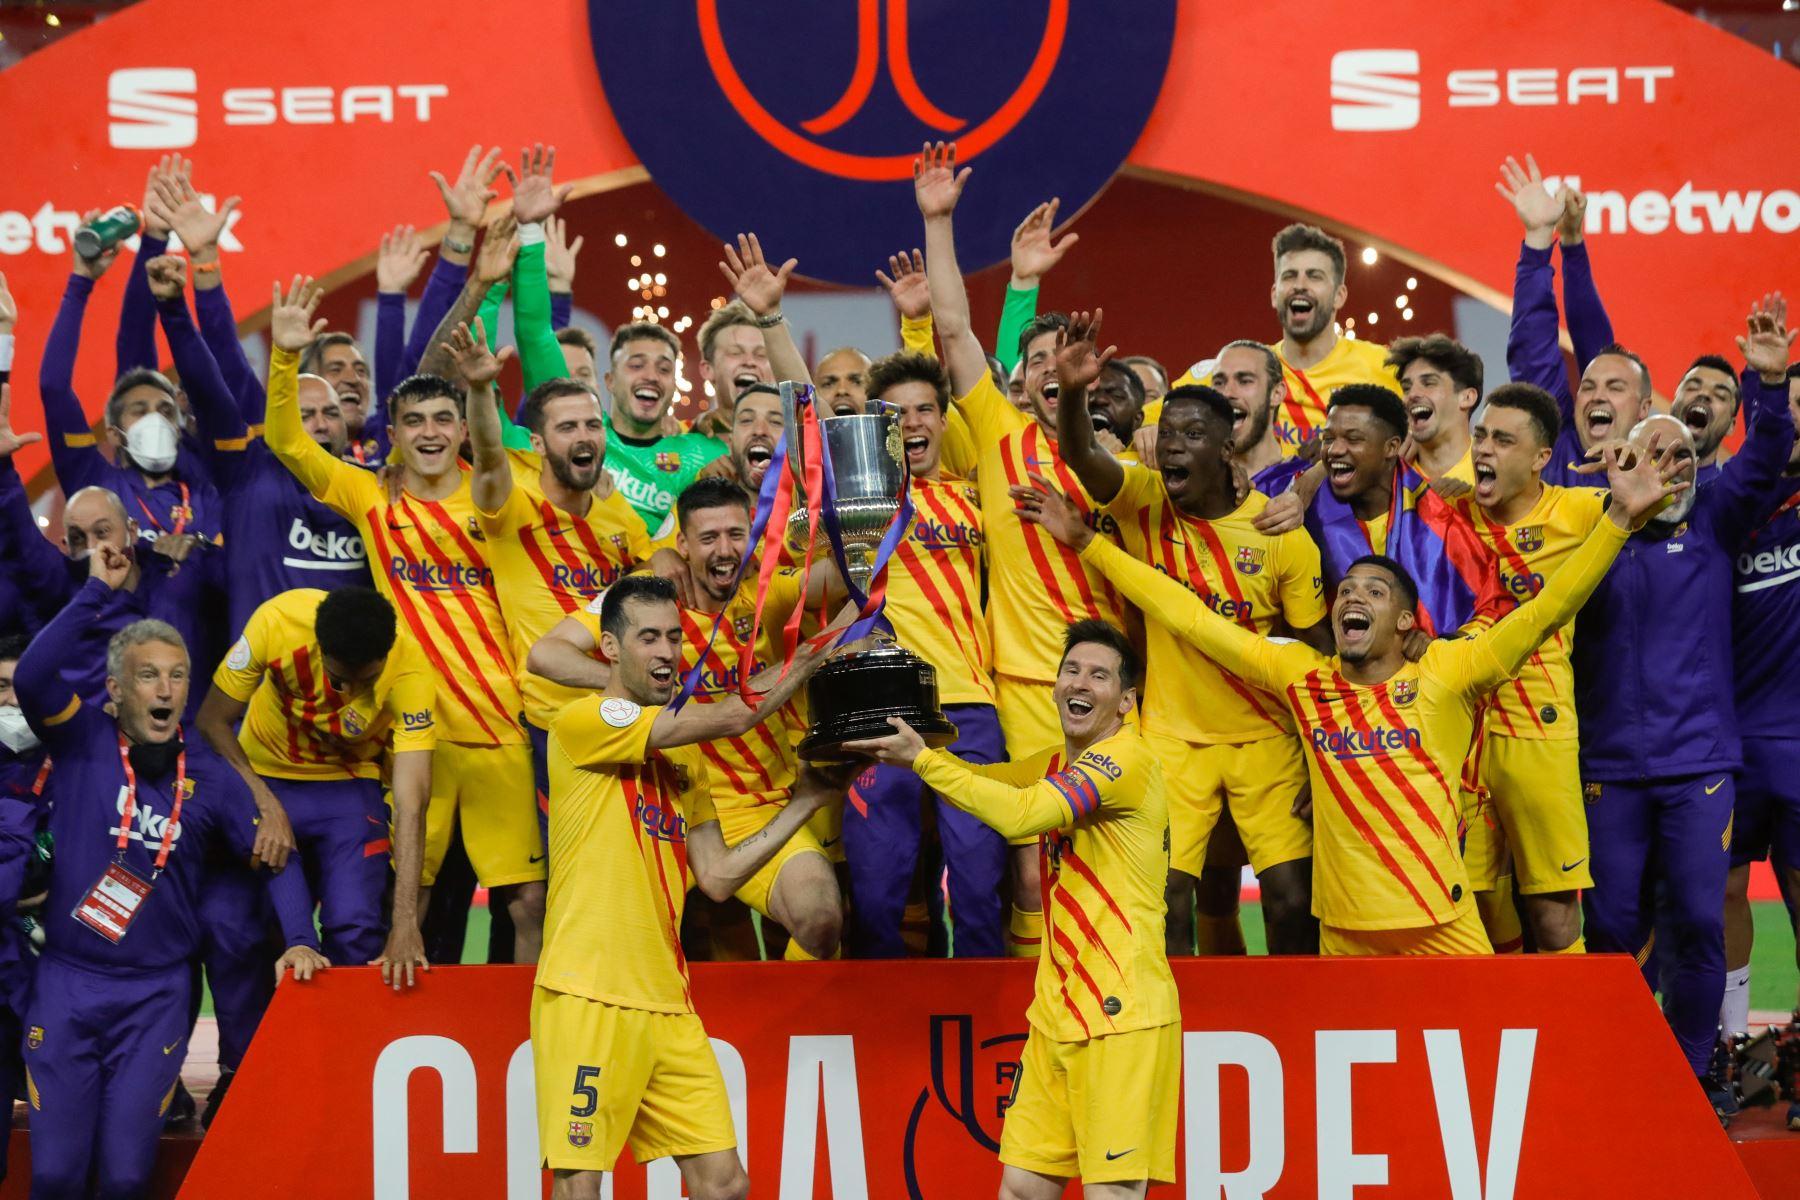 Los jugadores del Barcelona celebrando con el trofeo al final de la final de la Copa del Rey de España entre el Athletic Club de Bilbao y el FC Barcelona en el estadio de La Cartuja de Sevilla. Foto: AFP